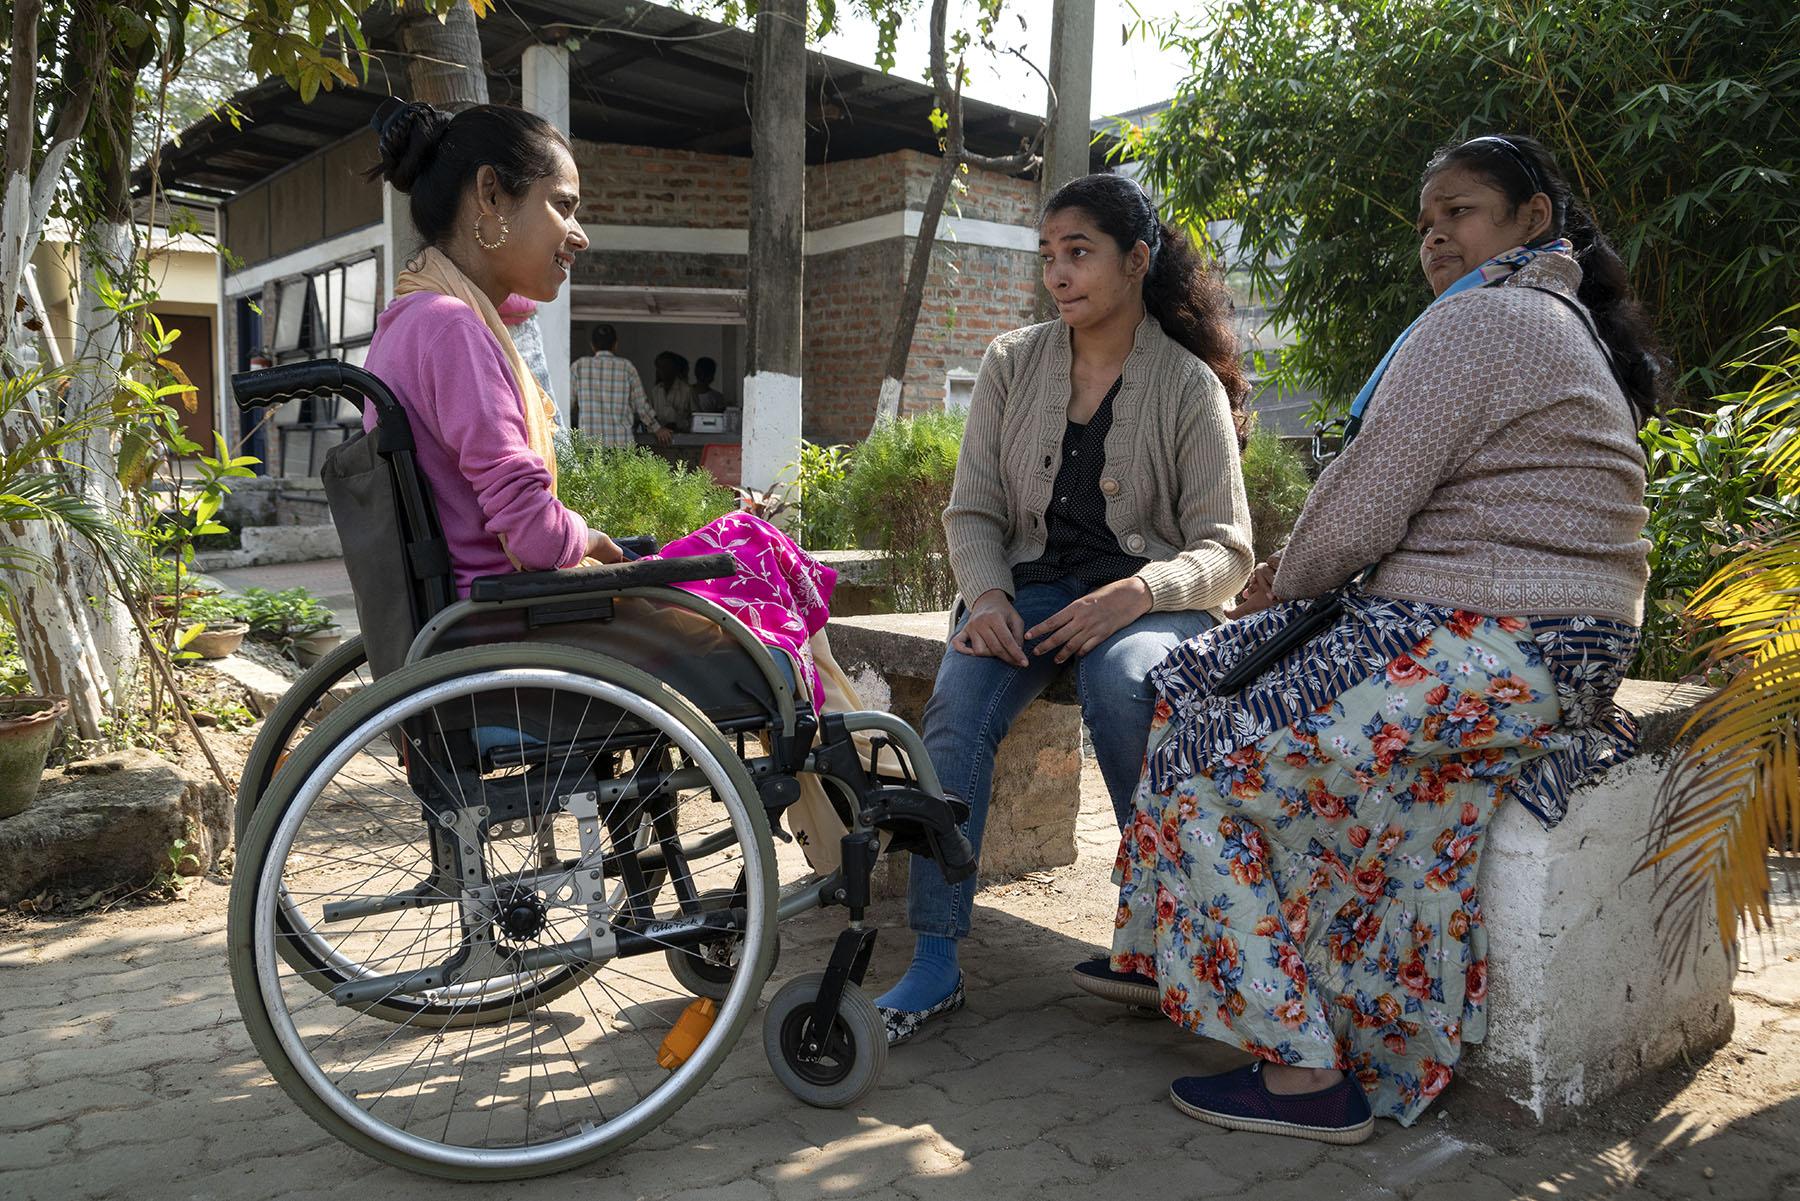 বাগানে পাথরের বেঞ্চিতে বসে আছে সিমি আর রুণু। সিলসিলা হুইলচেয়ারে বসা। ওরা তিনজন গল্প করছে।